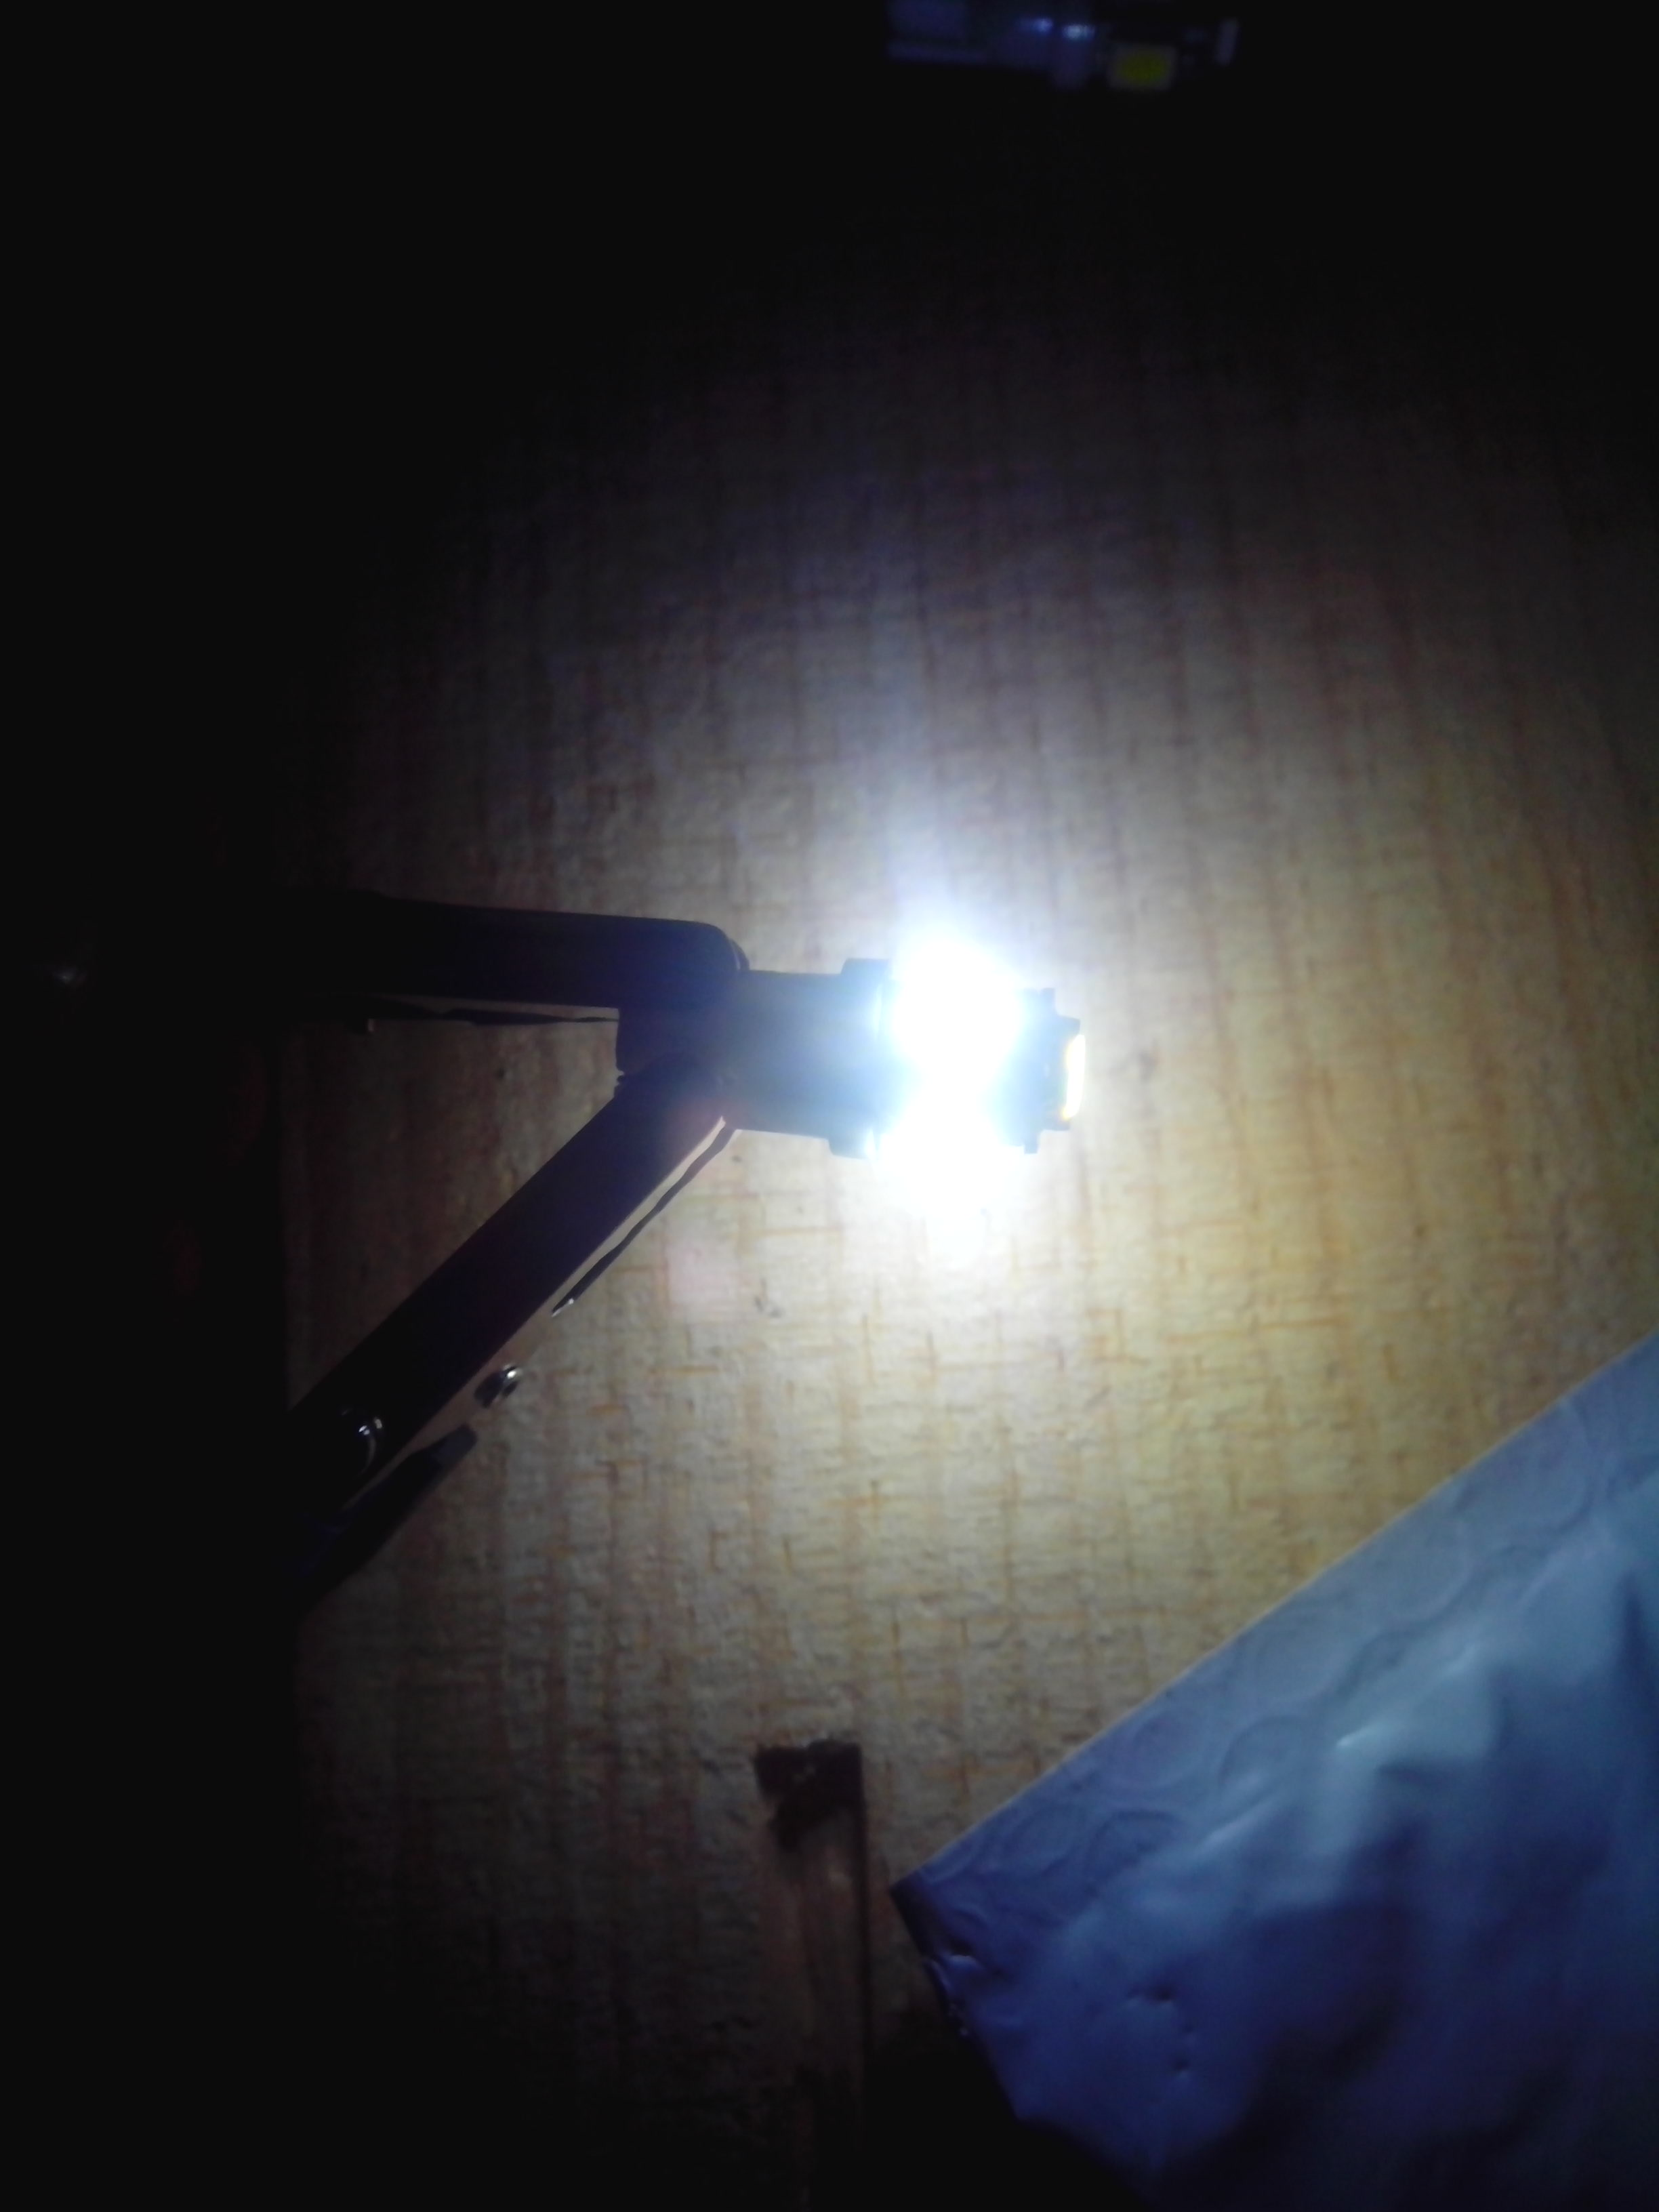 10 шт. водить автомобиль DC 12 В лампада свет T10 5050 Super White 194 168 w5w T10 Led Парковка лампы авто Клин габаритный фонарь